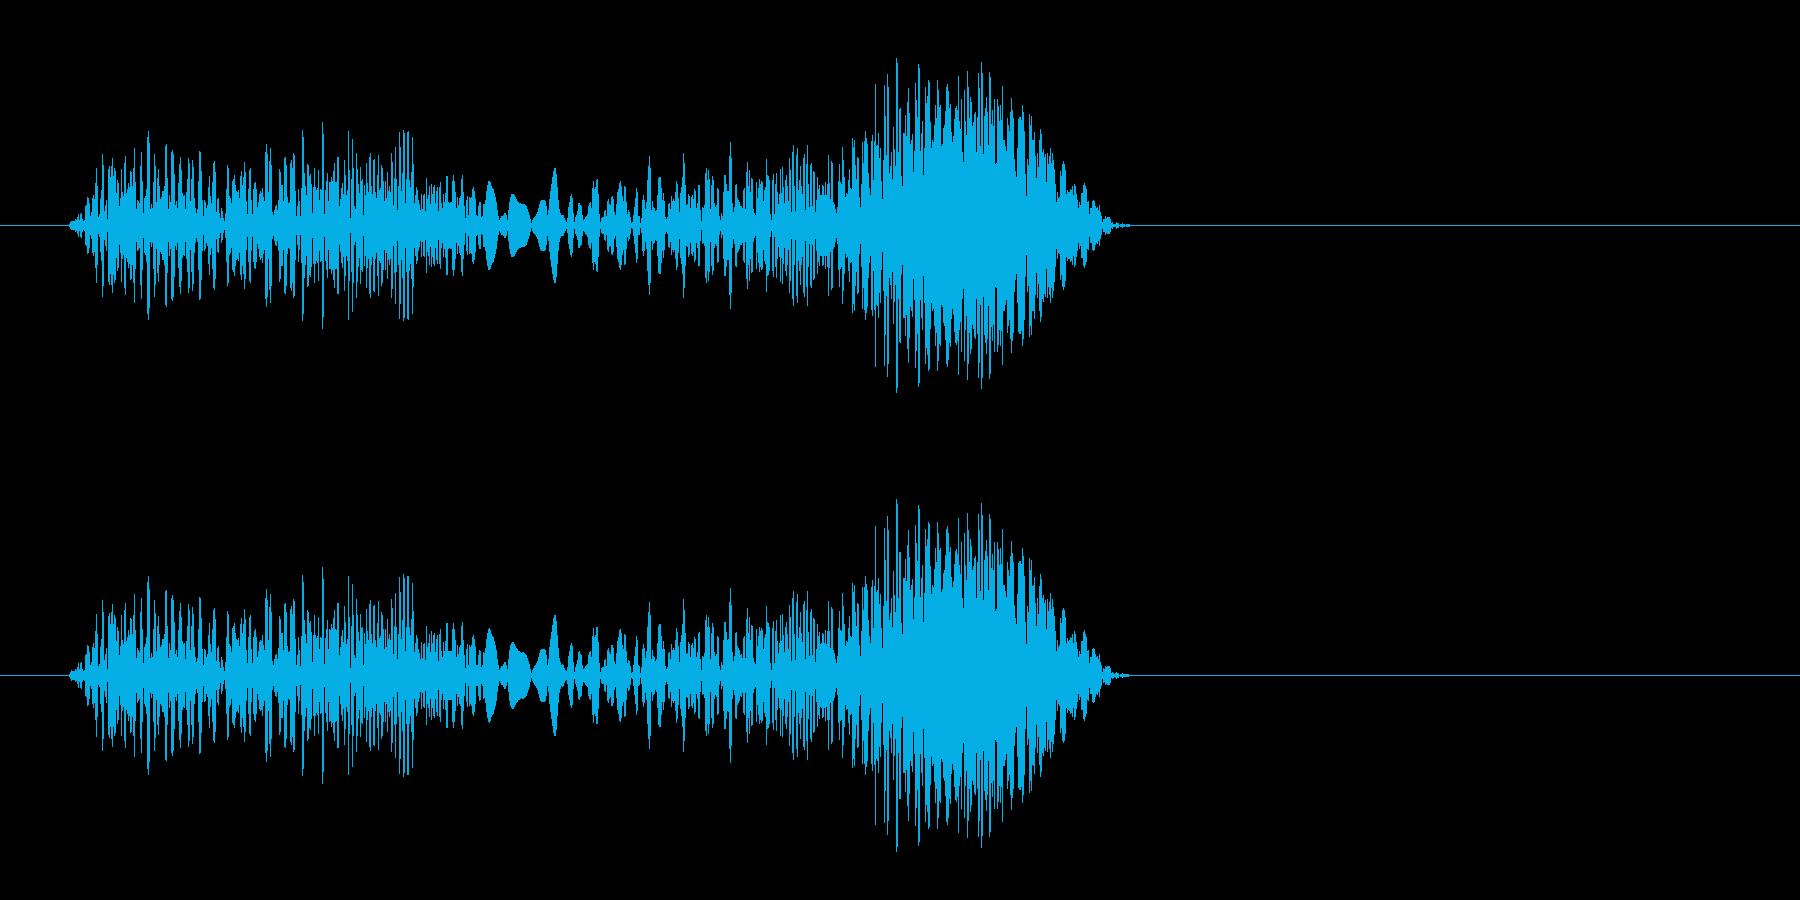 プキュ、プピッ(ハムスターの鳴き声)の再生済みの波形